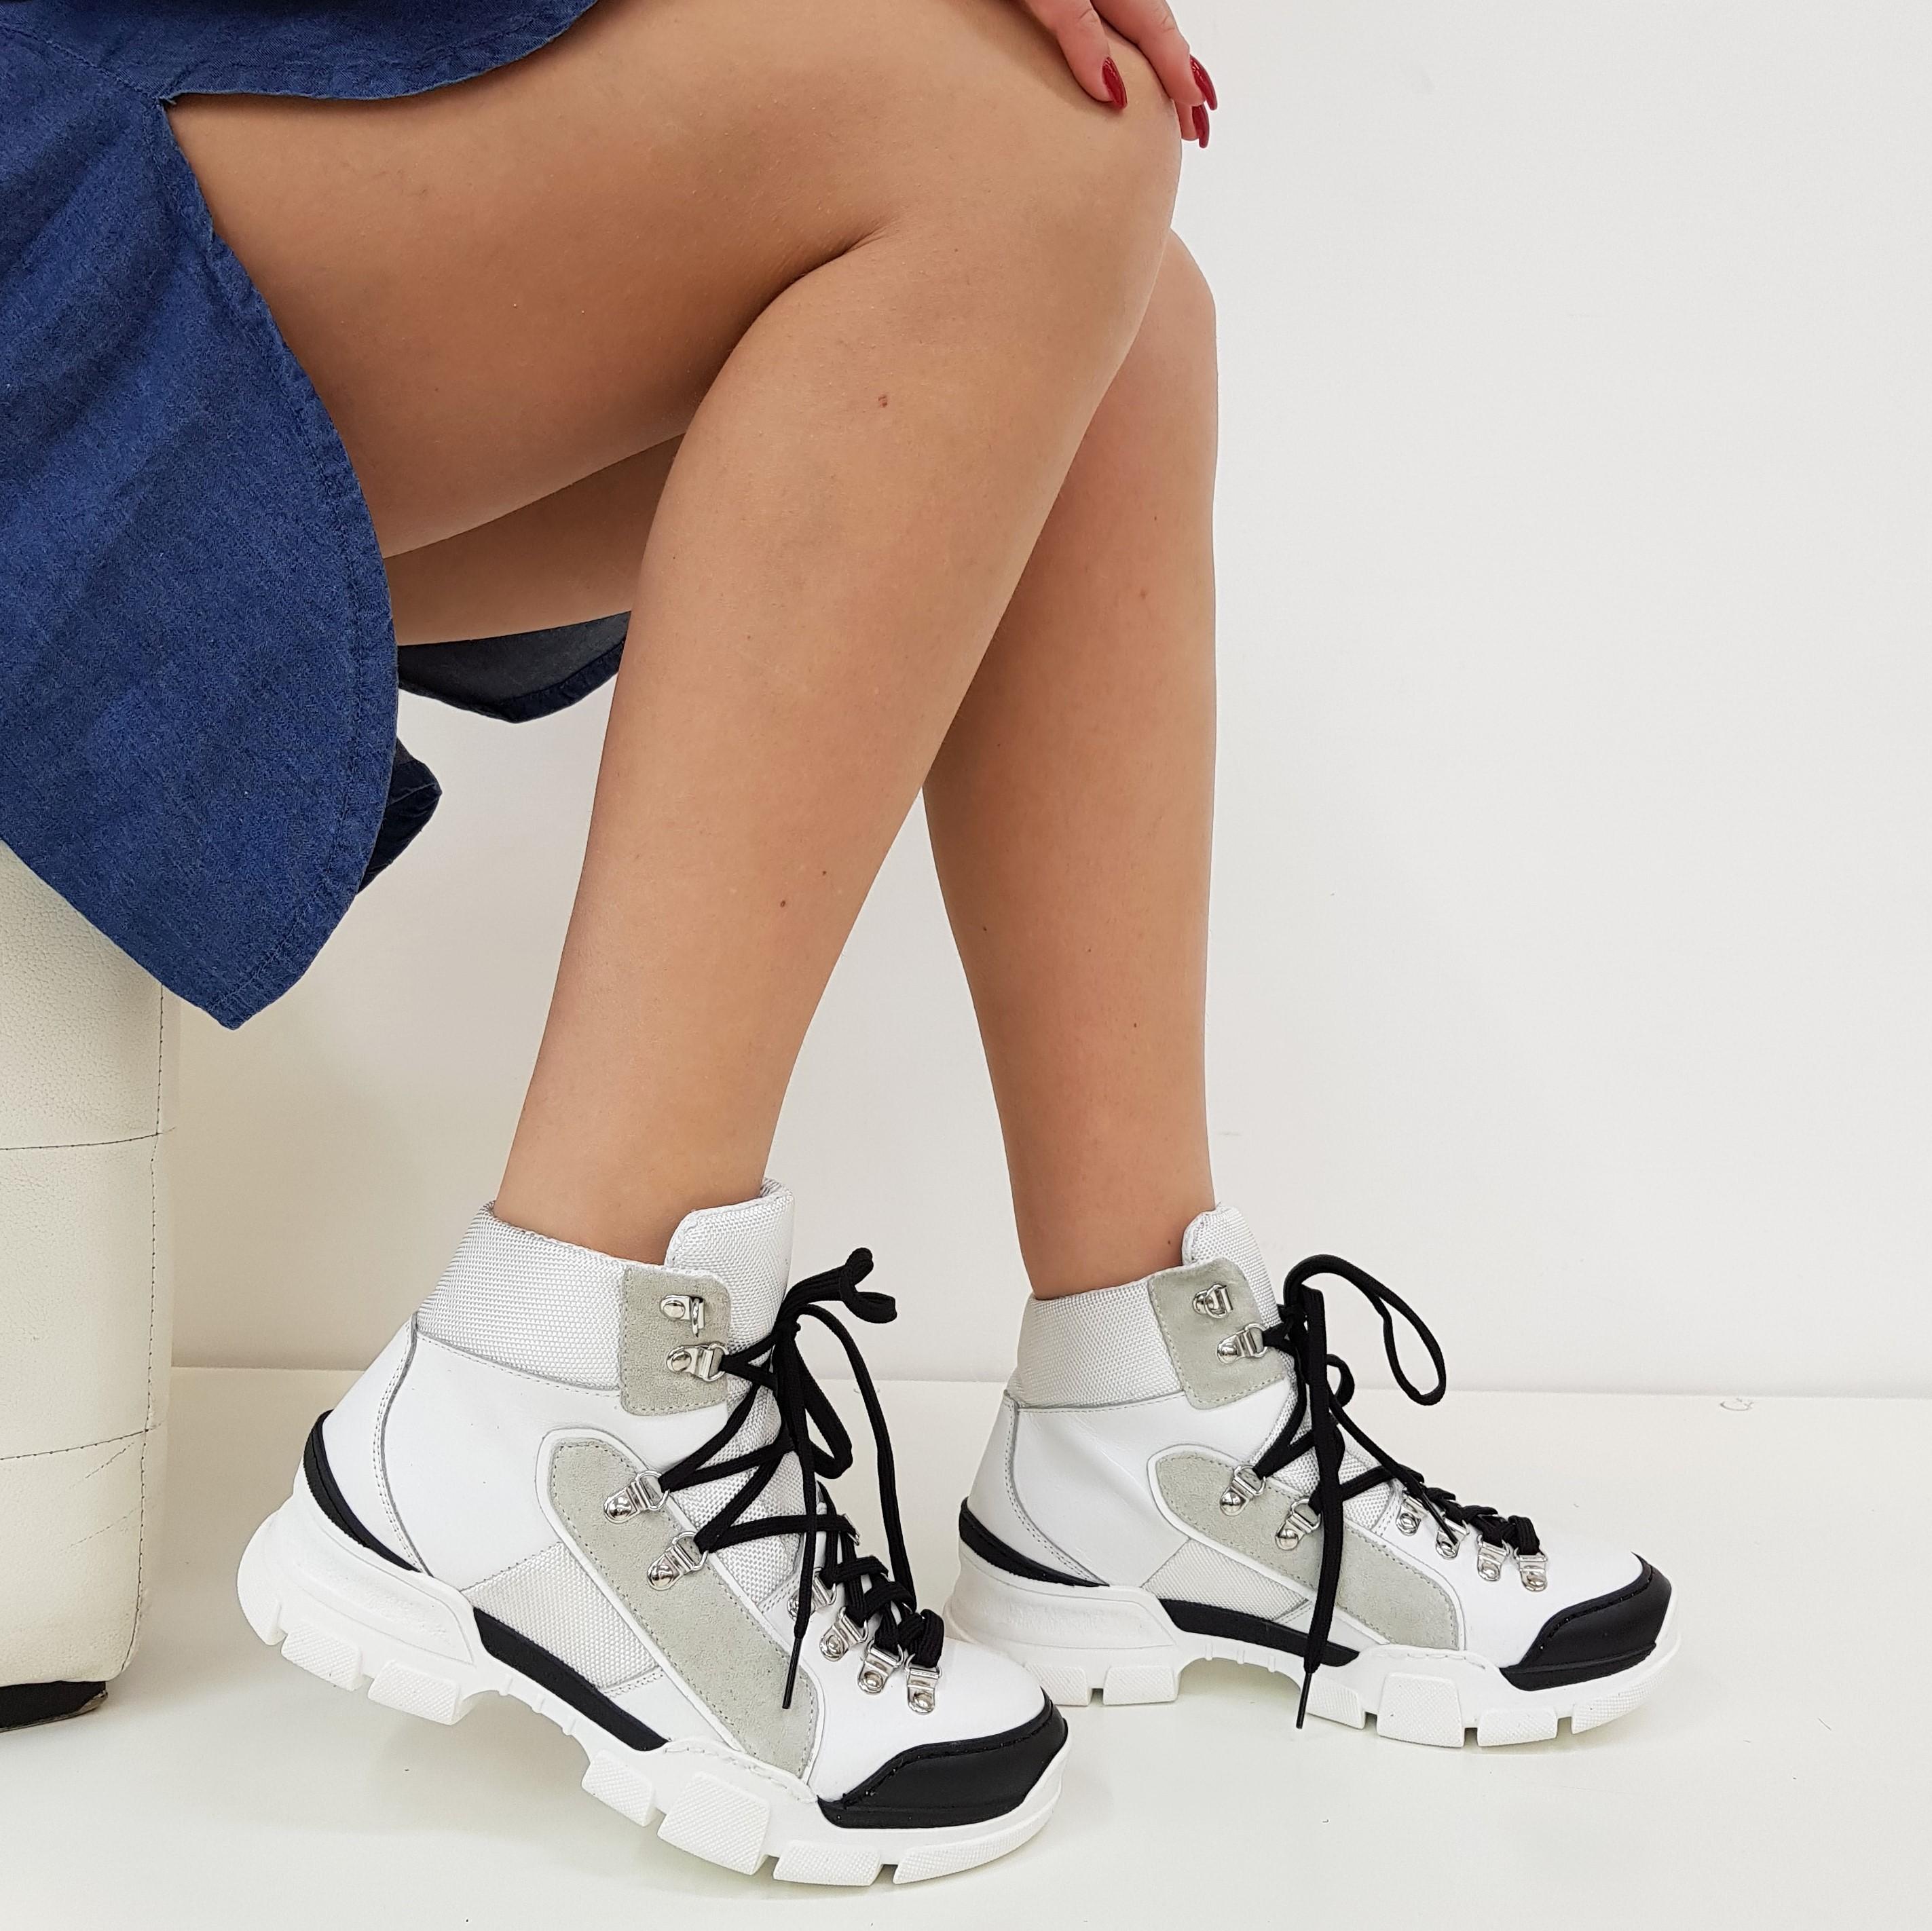 Sneakers pelle bianco e nero sofy2 - Lia diva scarpe ...